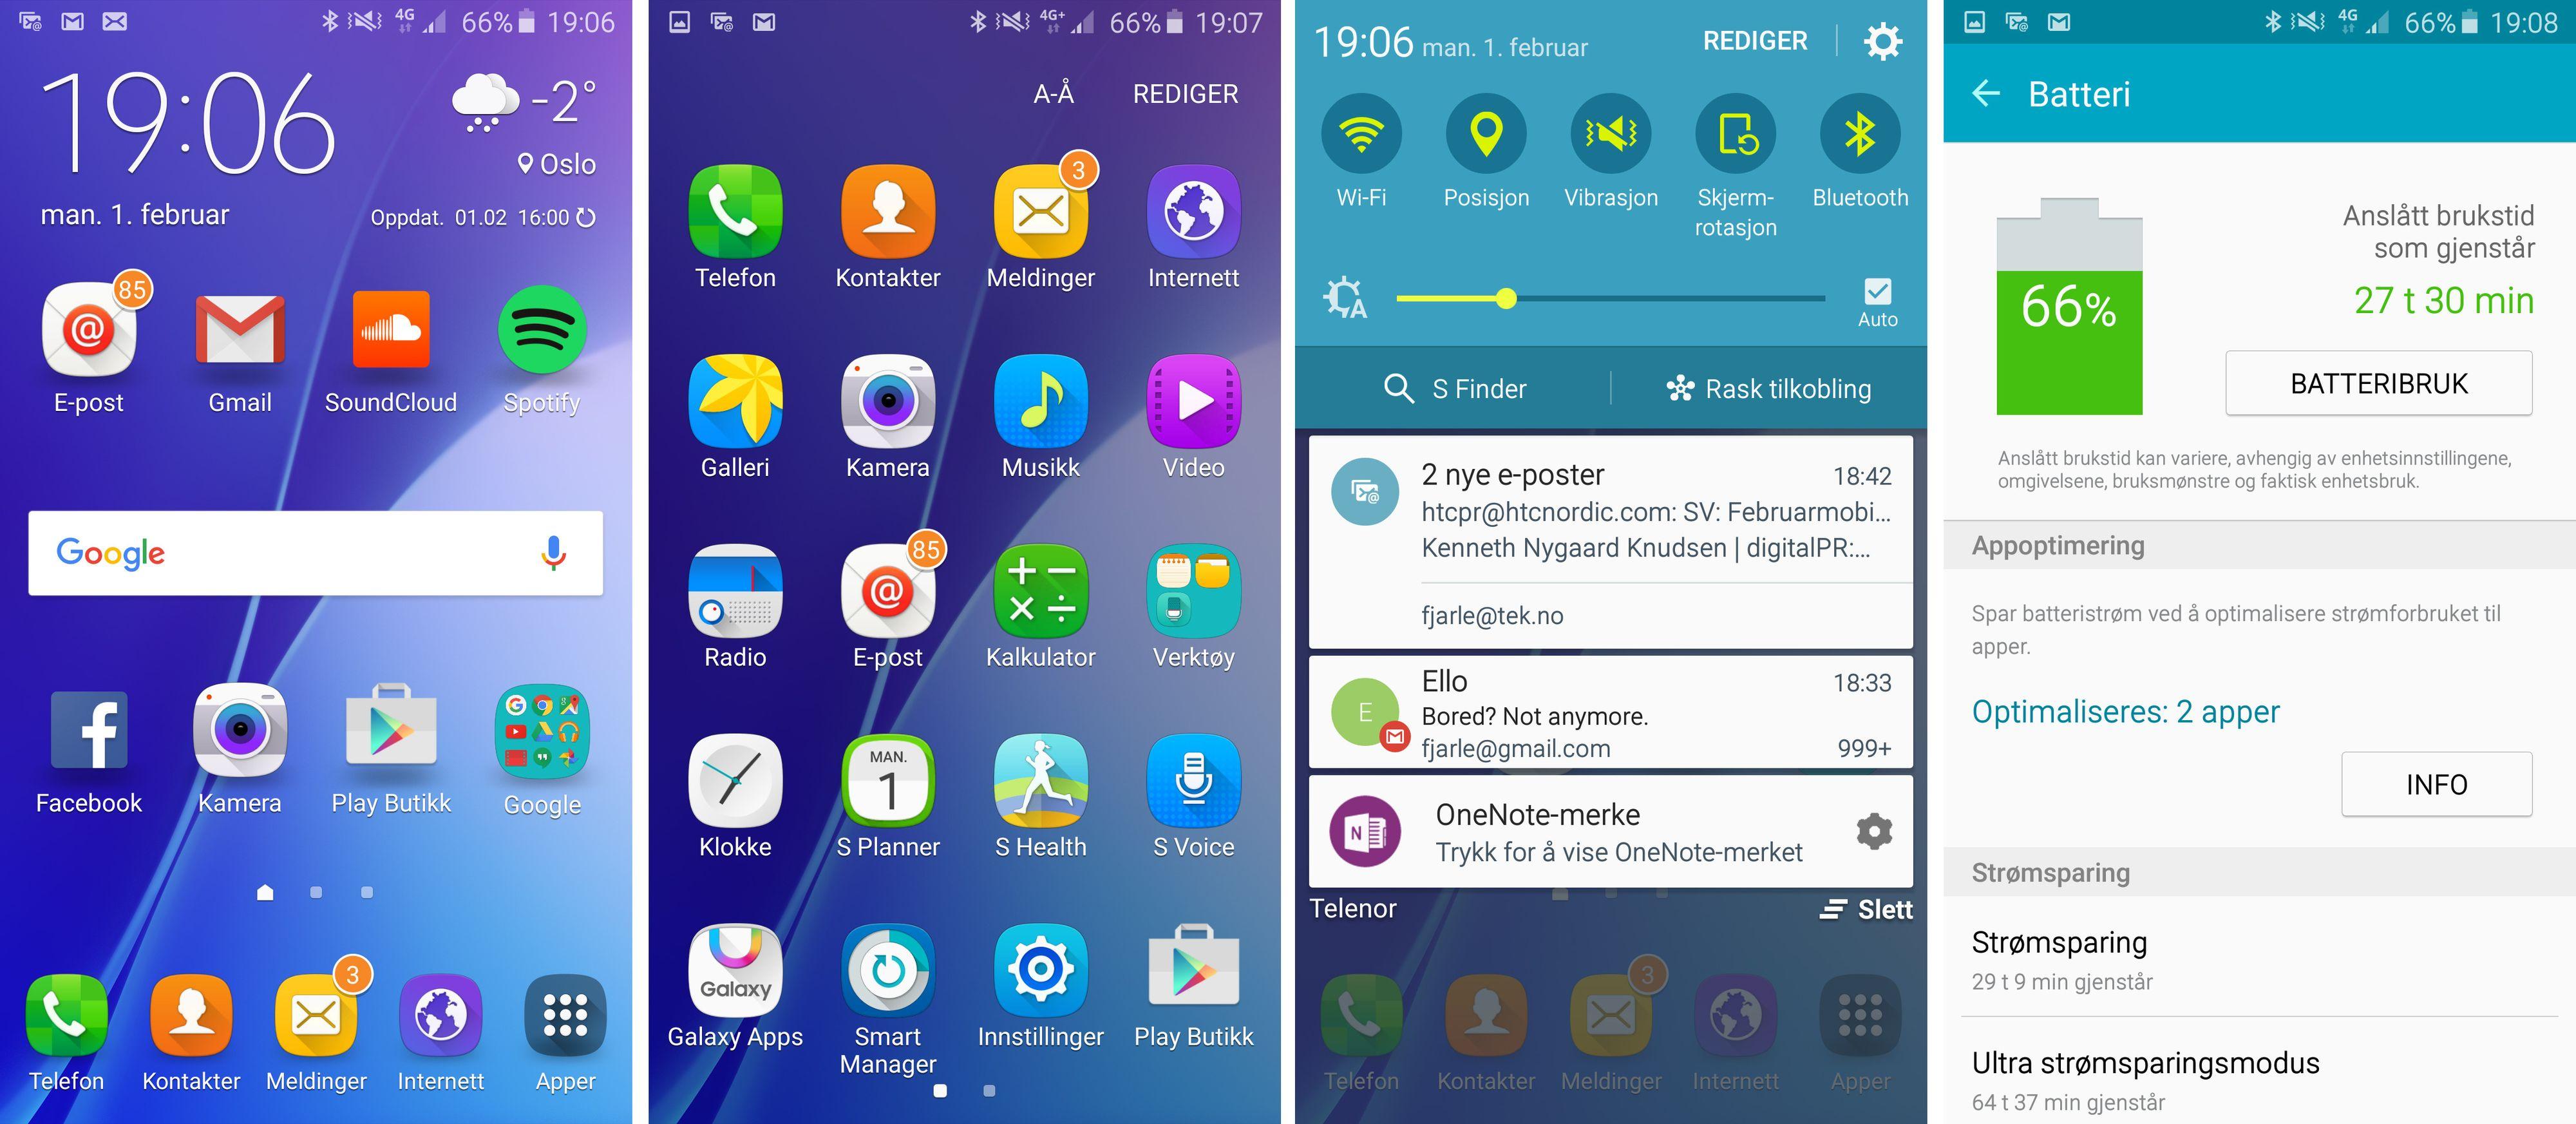 Det er enkelt å finne frem i Galaxy A5-menyene, og telefonen byr på god batteritid.